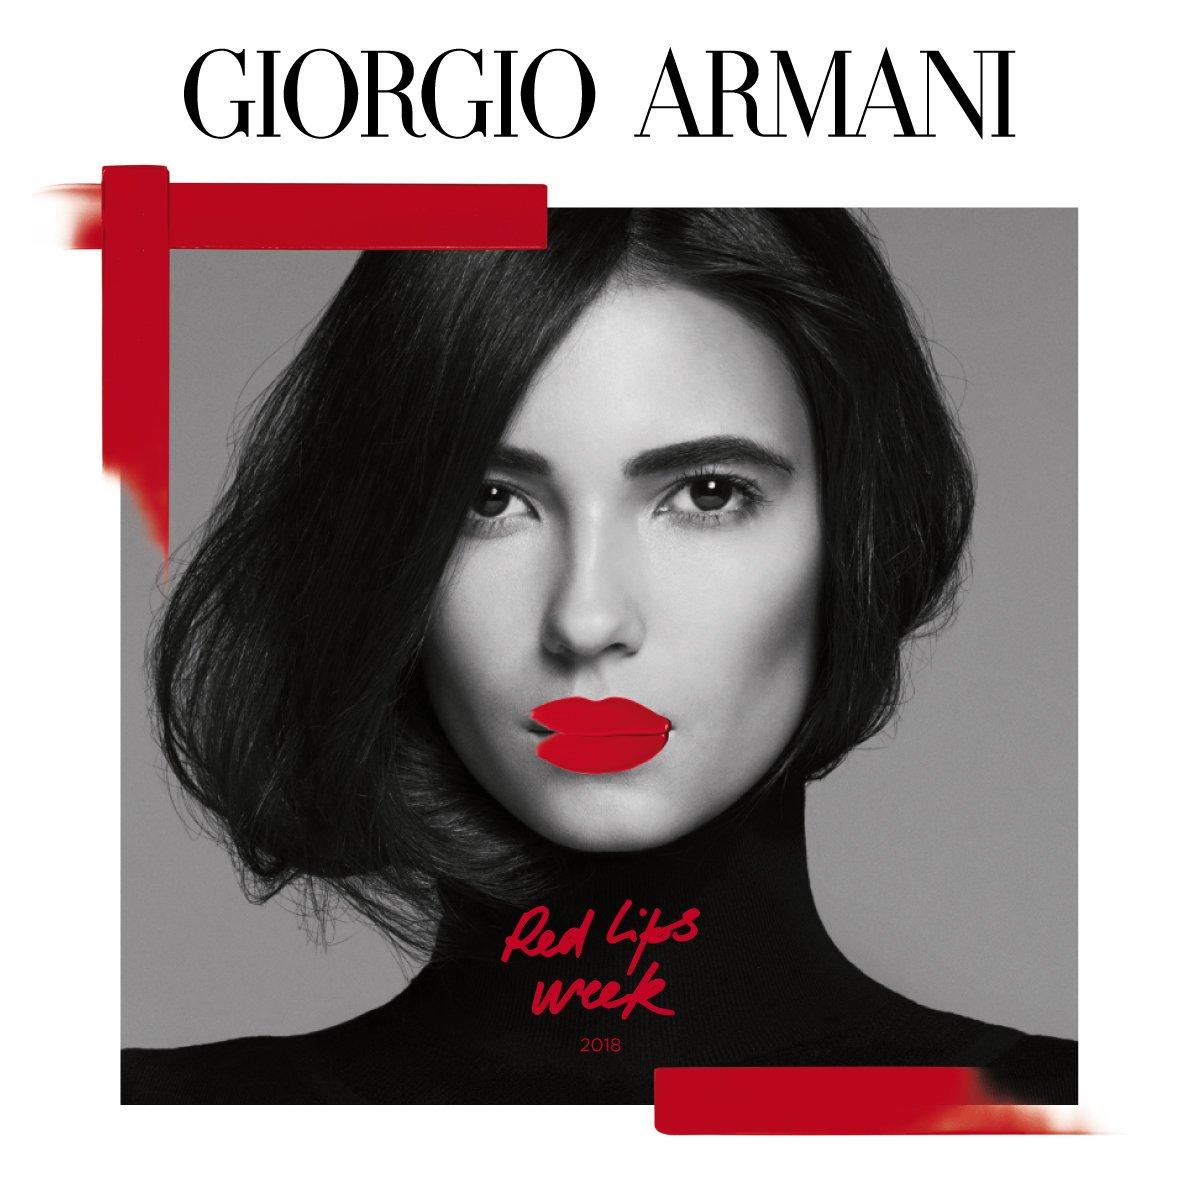 Rosso determinazione o seduzione? Scopri quale rosso indossare con i Face Designer #GiorgioArmani. A tua disposizione per una sessione make up personalizzata, dal 17 al 23 dicembre presso Profumeria #Naima! #FidenzaVillage https://t.co/ukDkYwg0Of